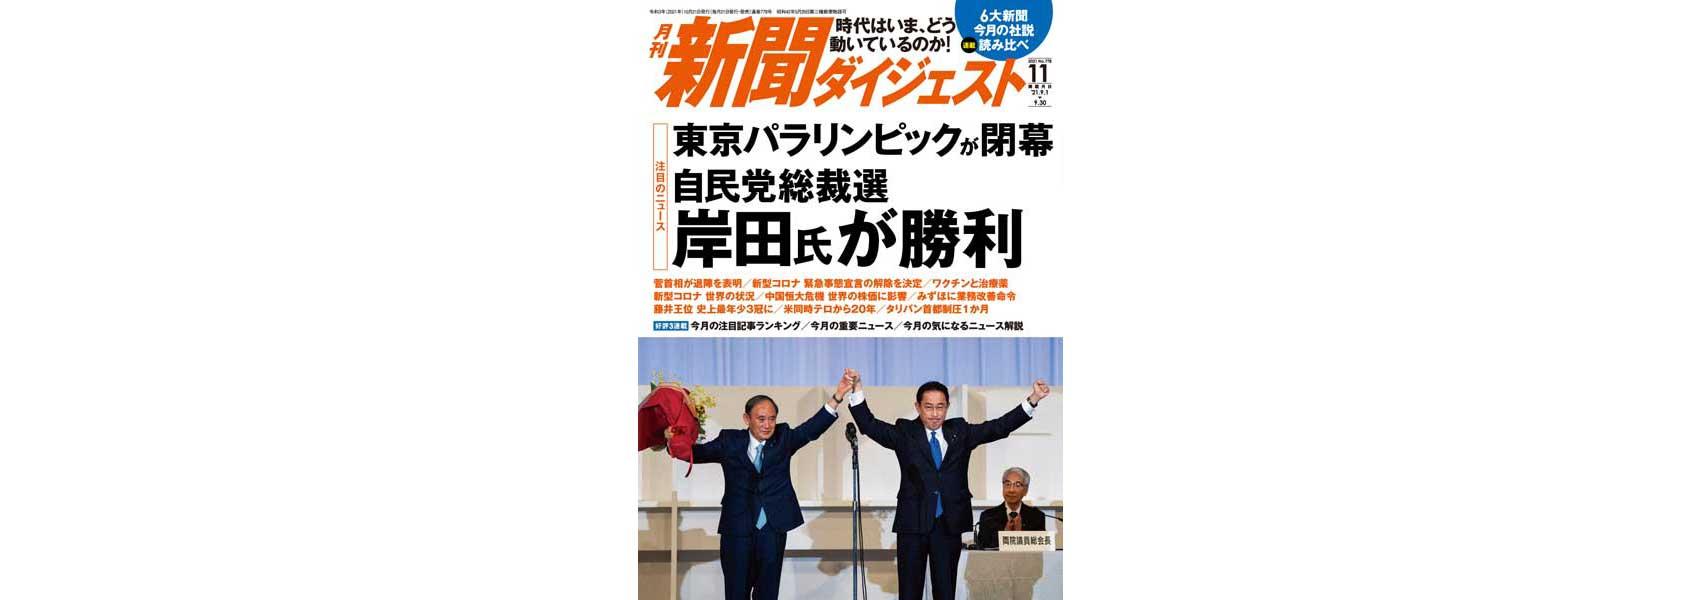 新聞ダイジェスト11月号